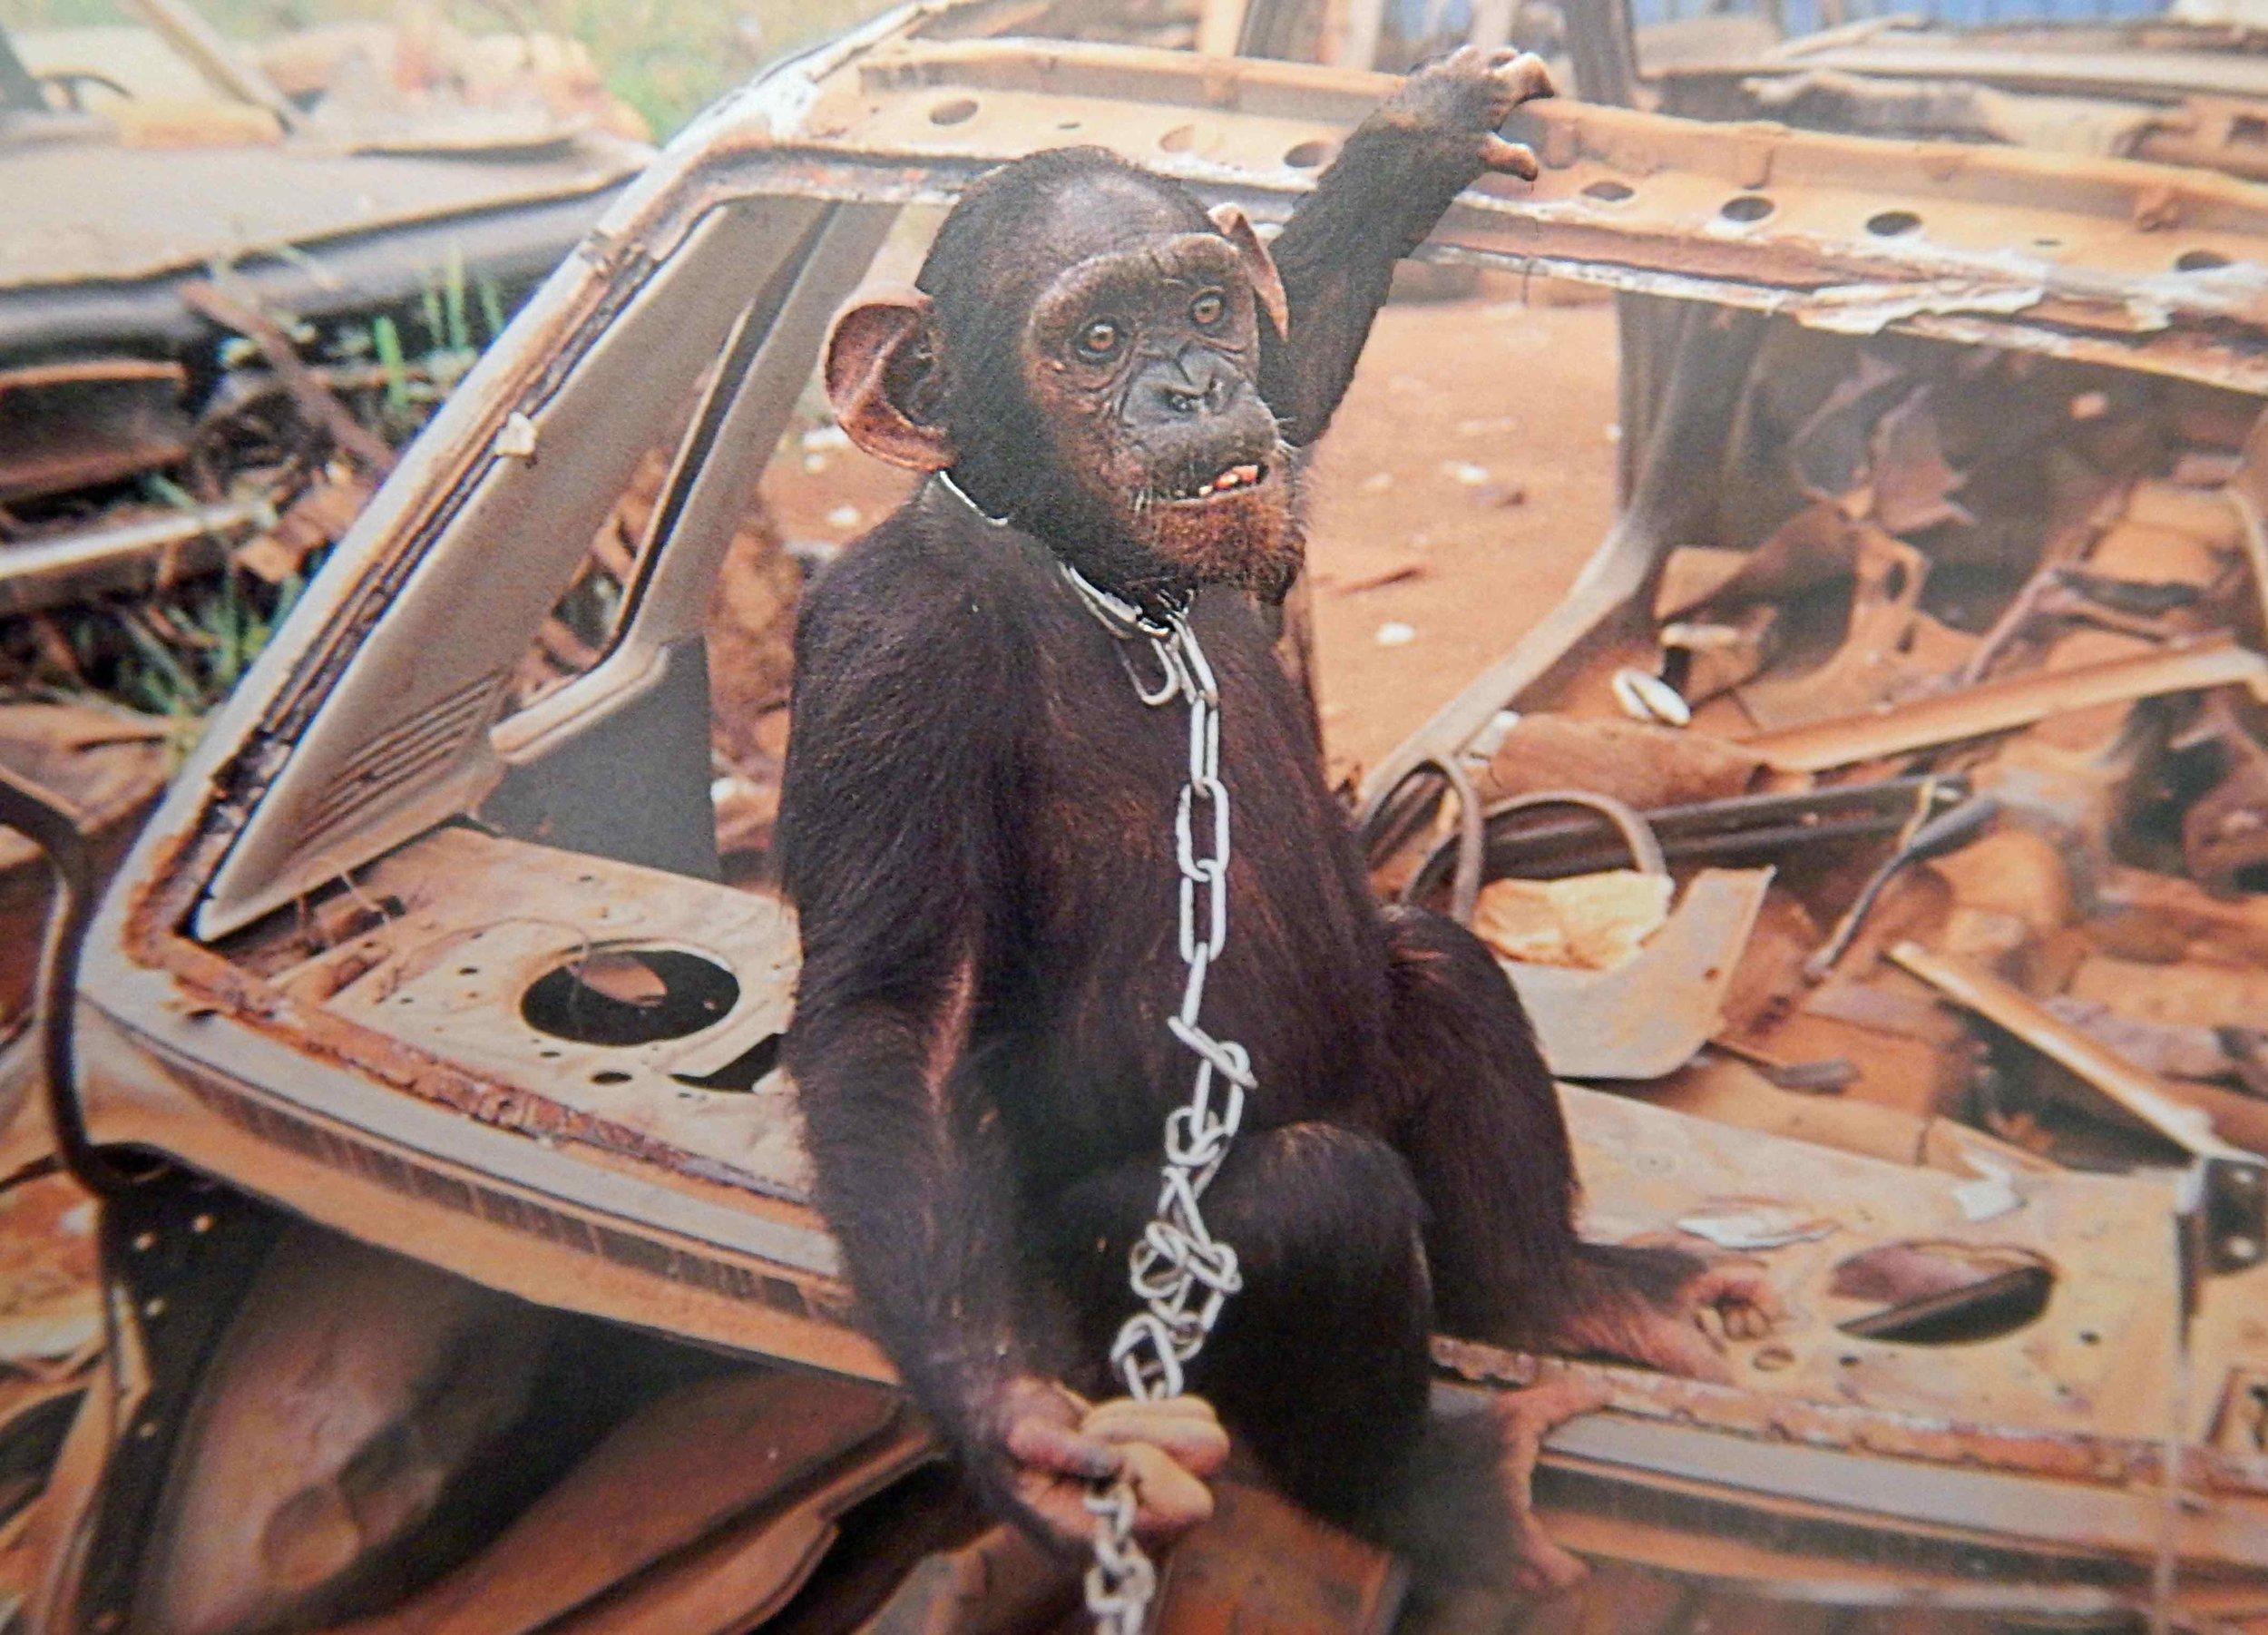 Gejagt, gefangen, geplagt und «geschützt»: Schimpanse im Autofriedhof |  © Foto by Karl Ammann